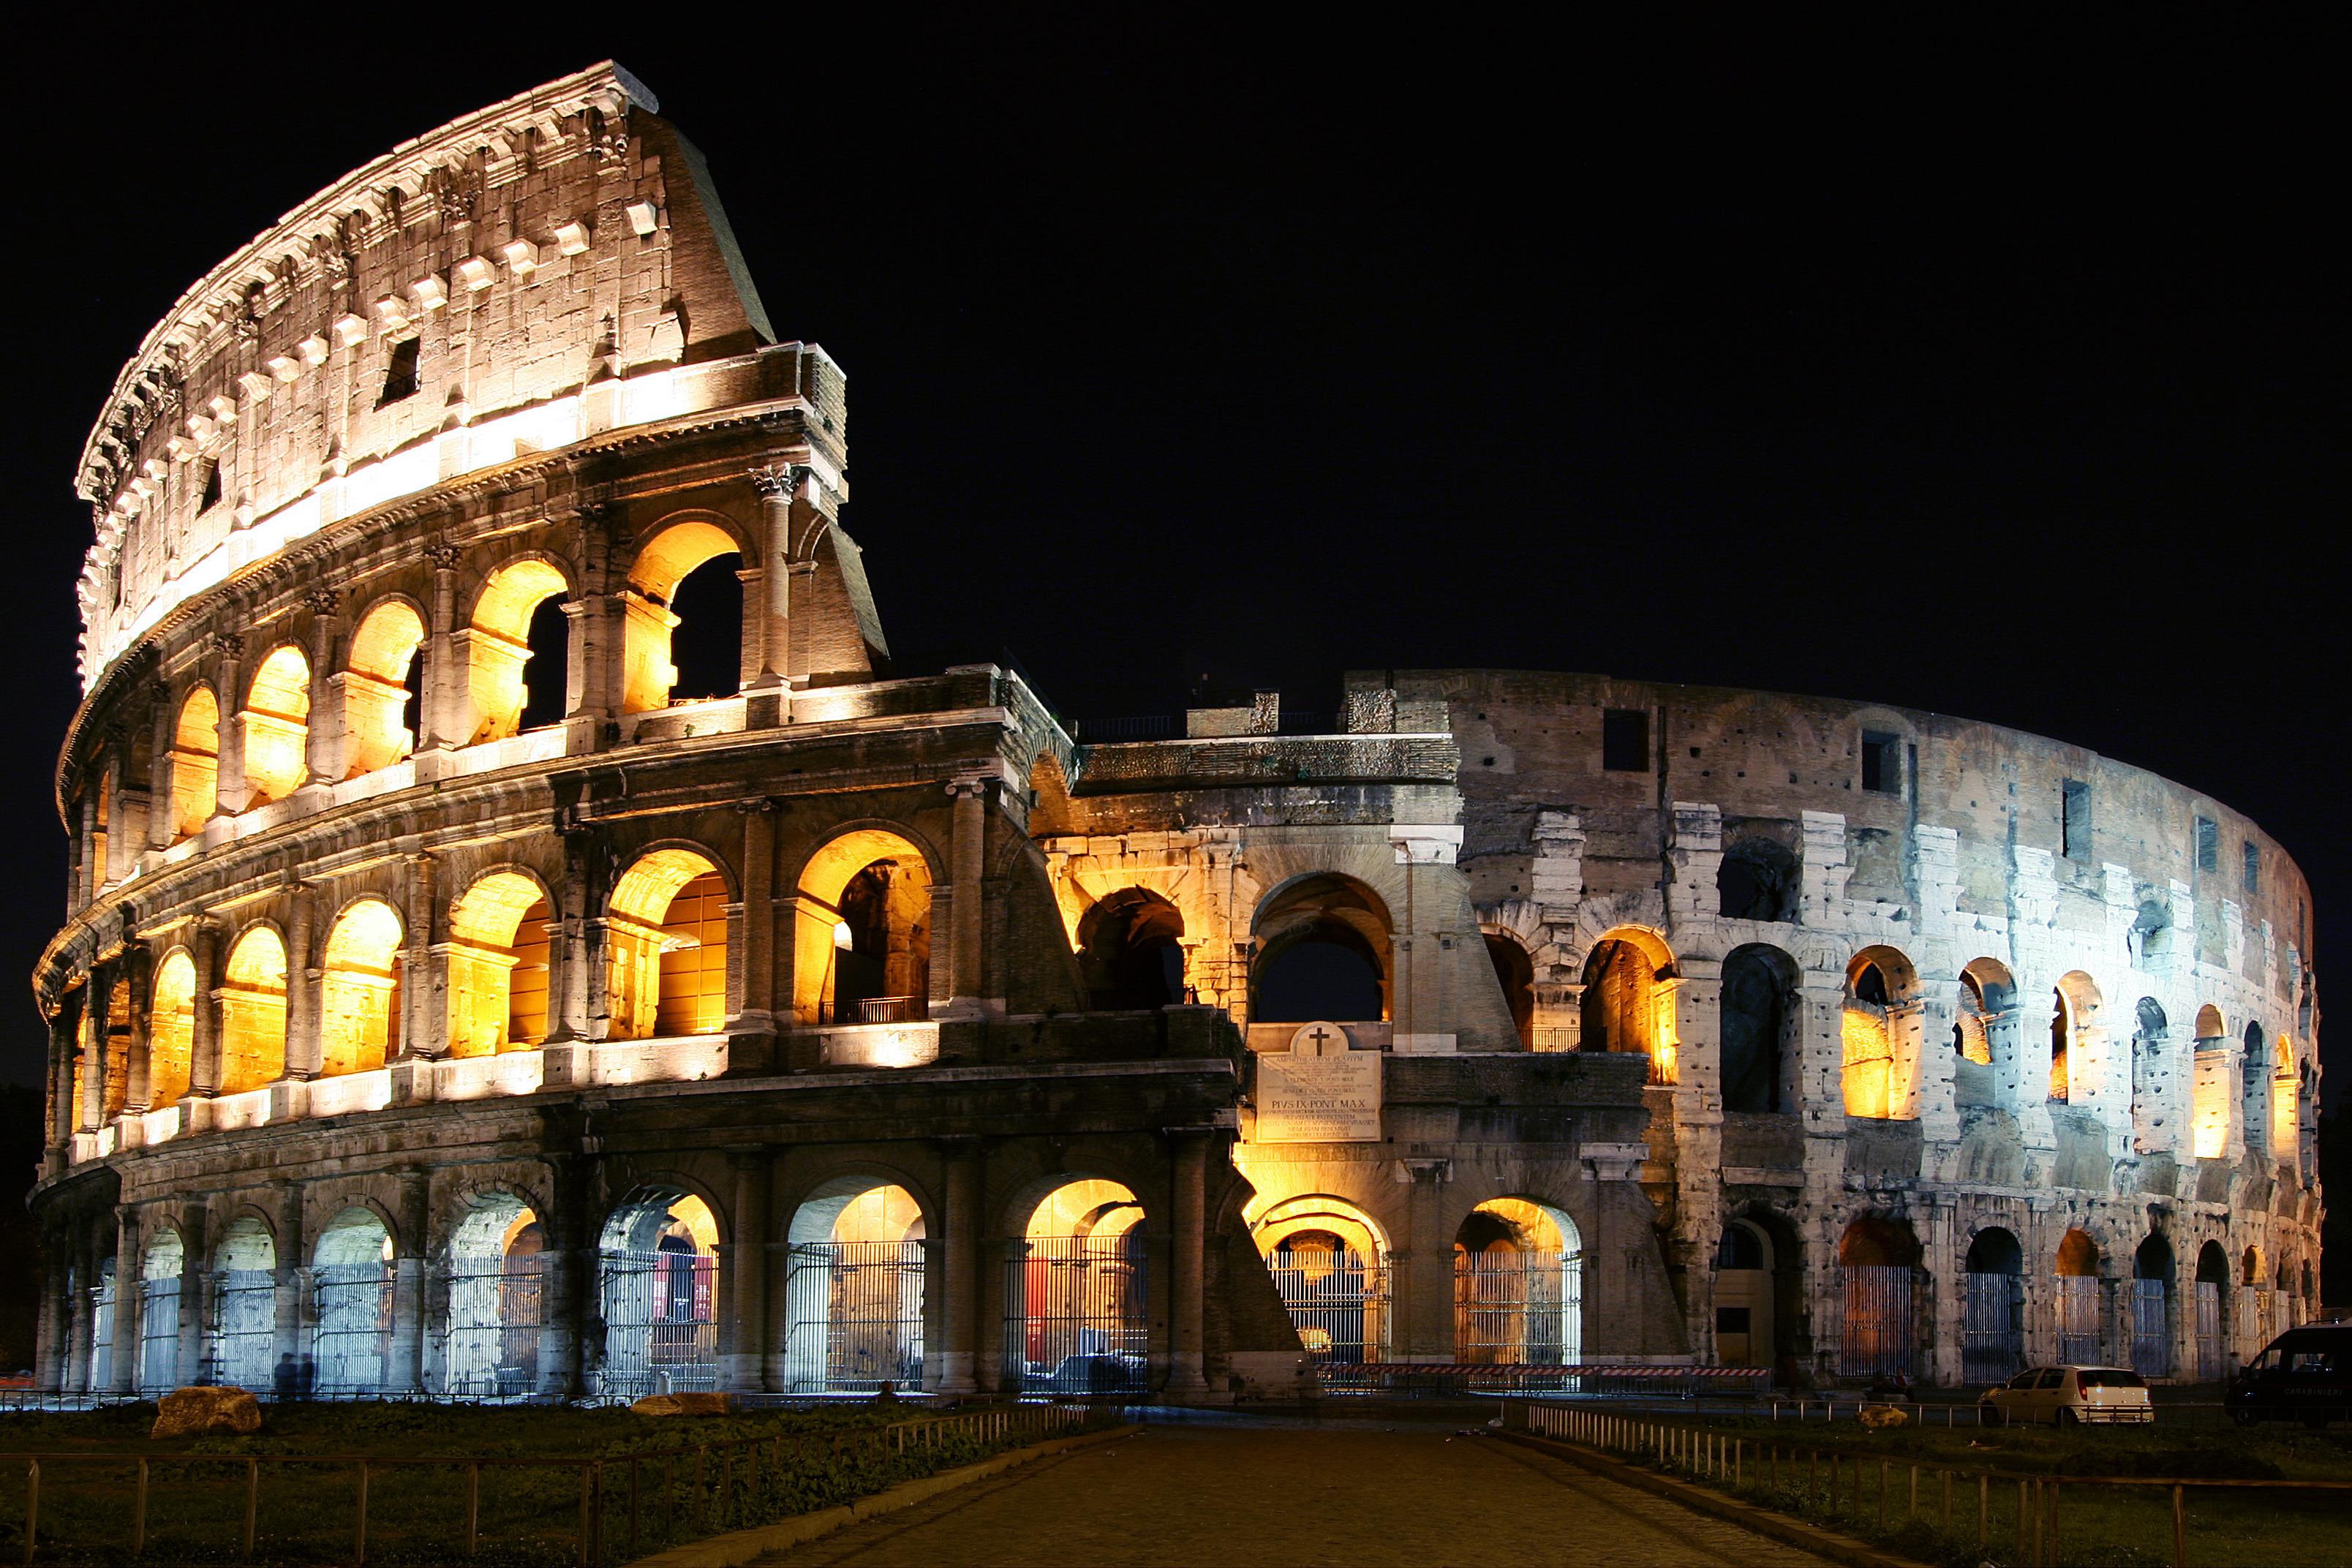 страны архитектура Италия Рим country architecture Italy Rome  № 285862  скачать